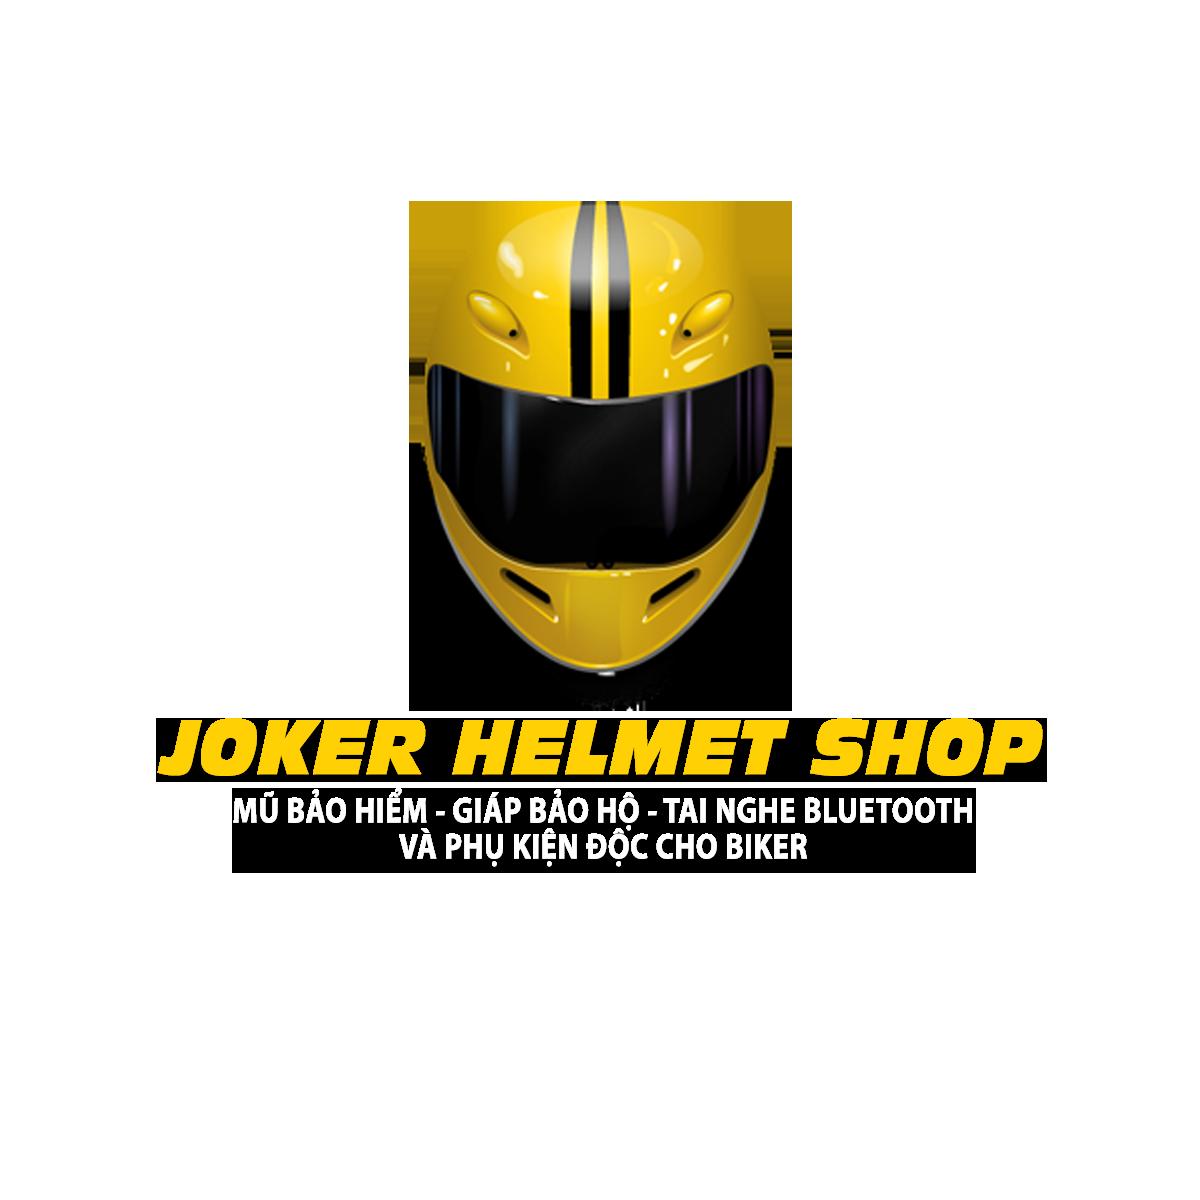 Joker Helmet Shop